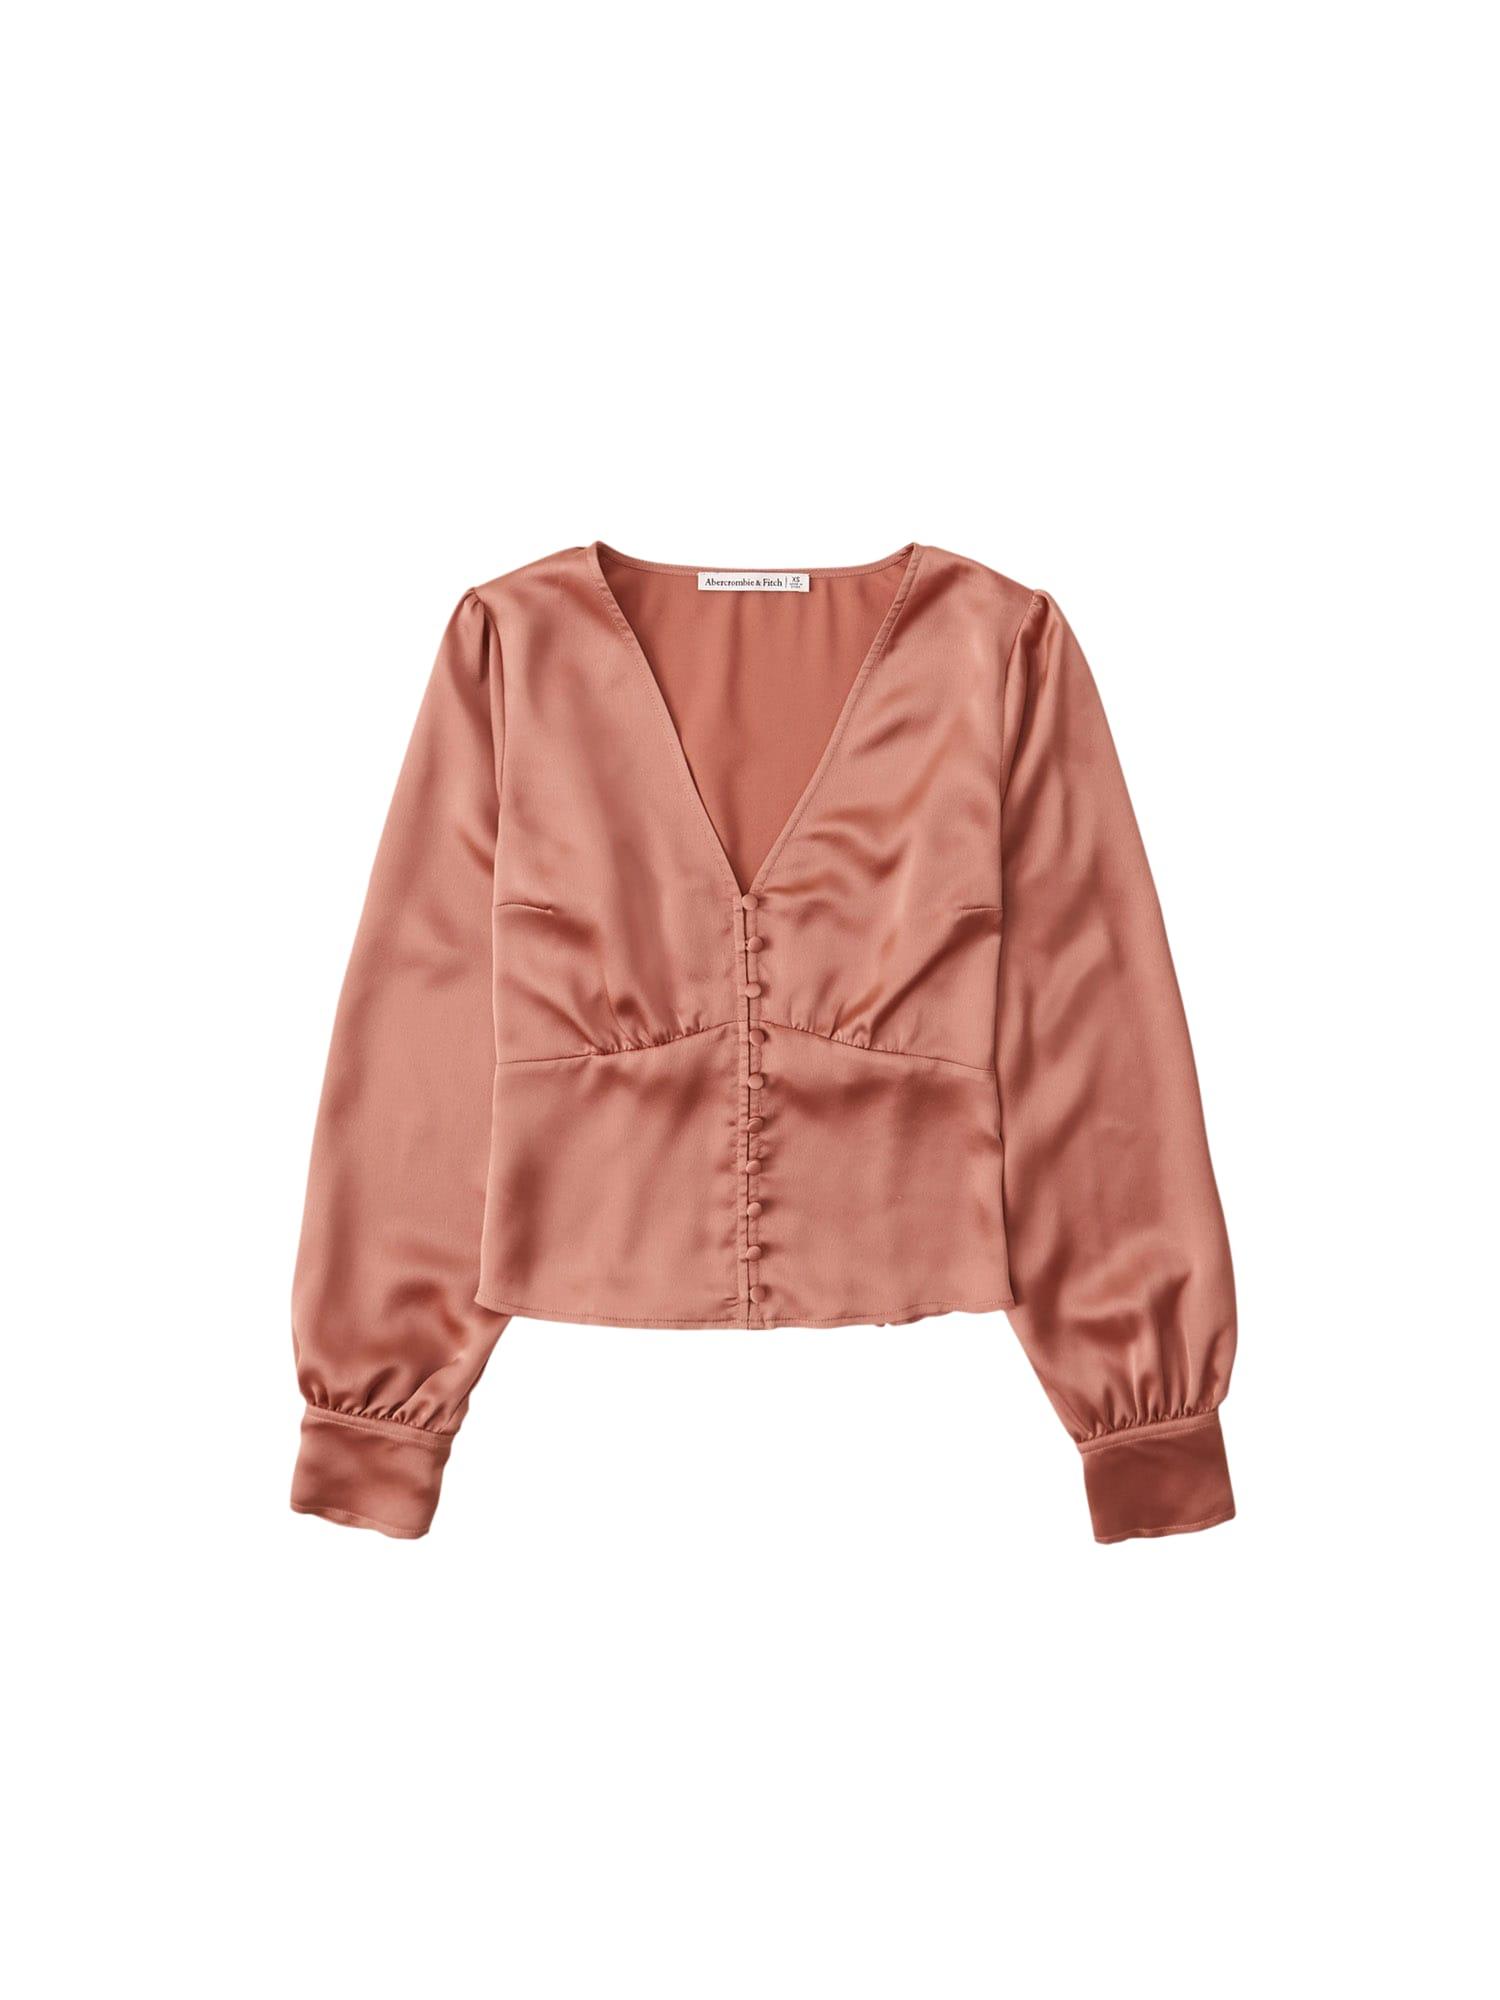 Abercrombie & Fitch Palaidinė ryškiai rožinė spalva